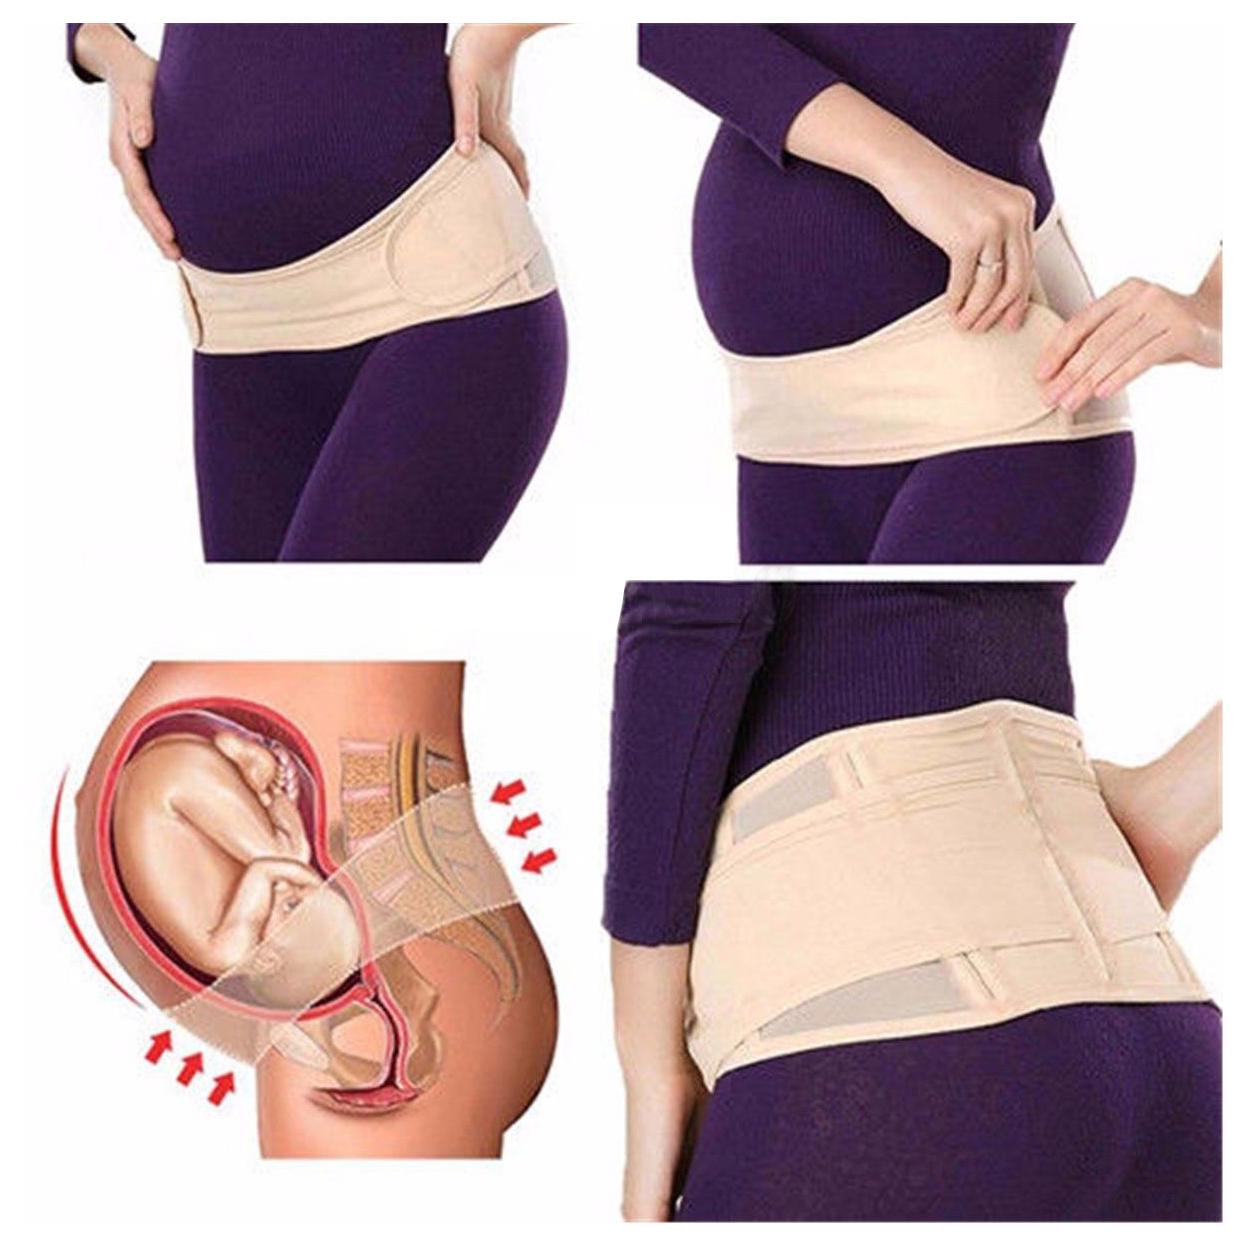 Как правильно одевать бандаж для беременных фото